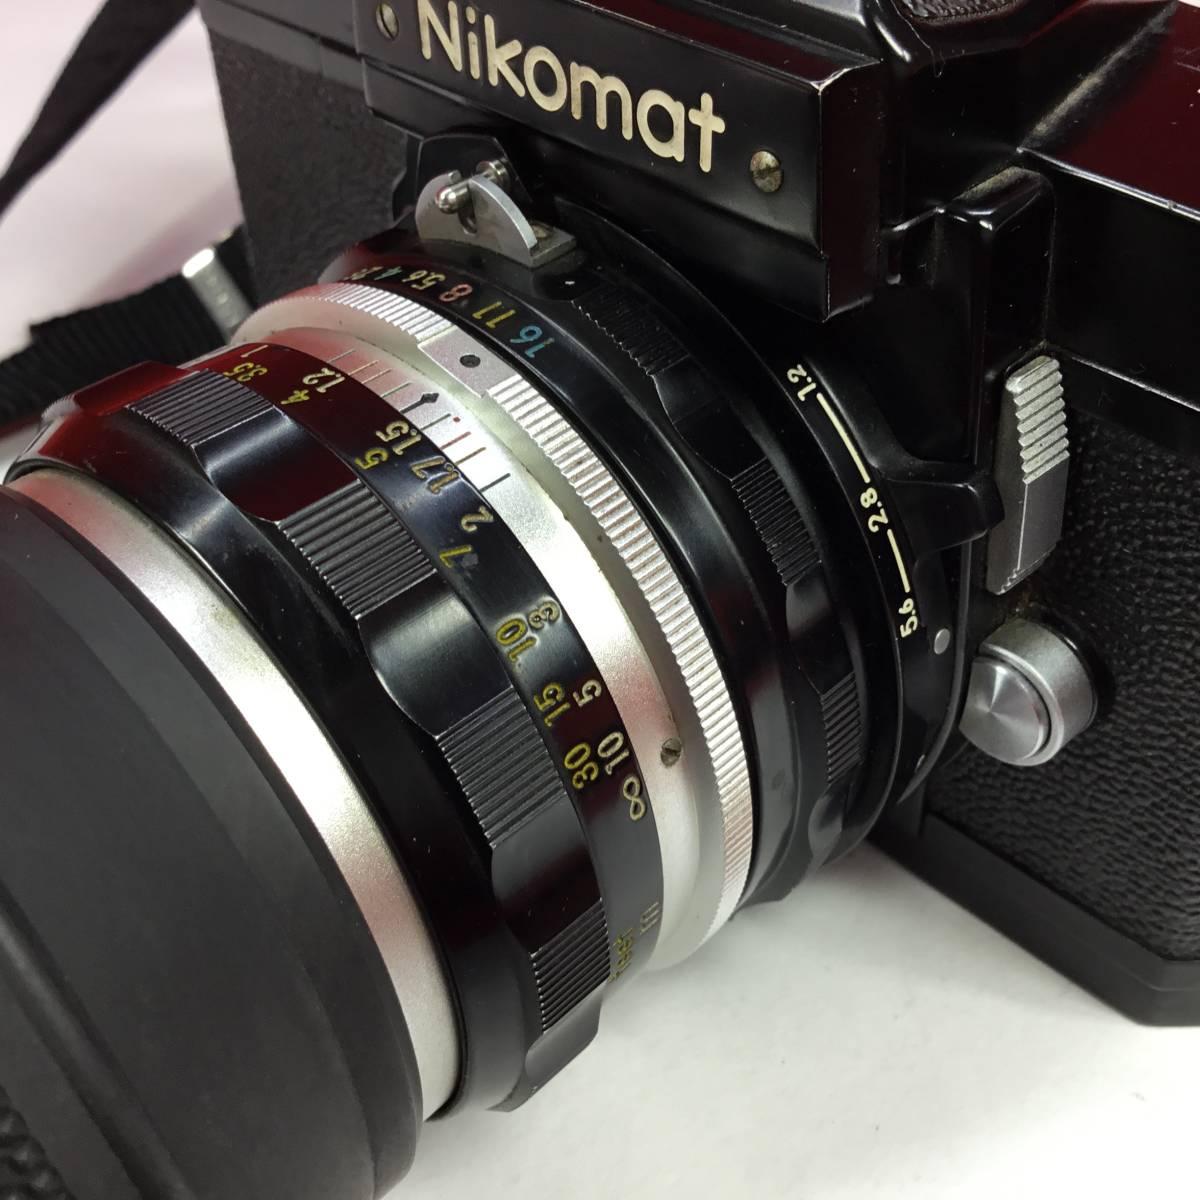 一眼レフカメラ Nikomat FT レンズ Nikon NIKKOR-H Auto 1:2 f=50mm ニコマート_画像8